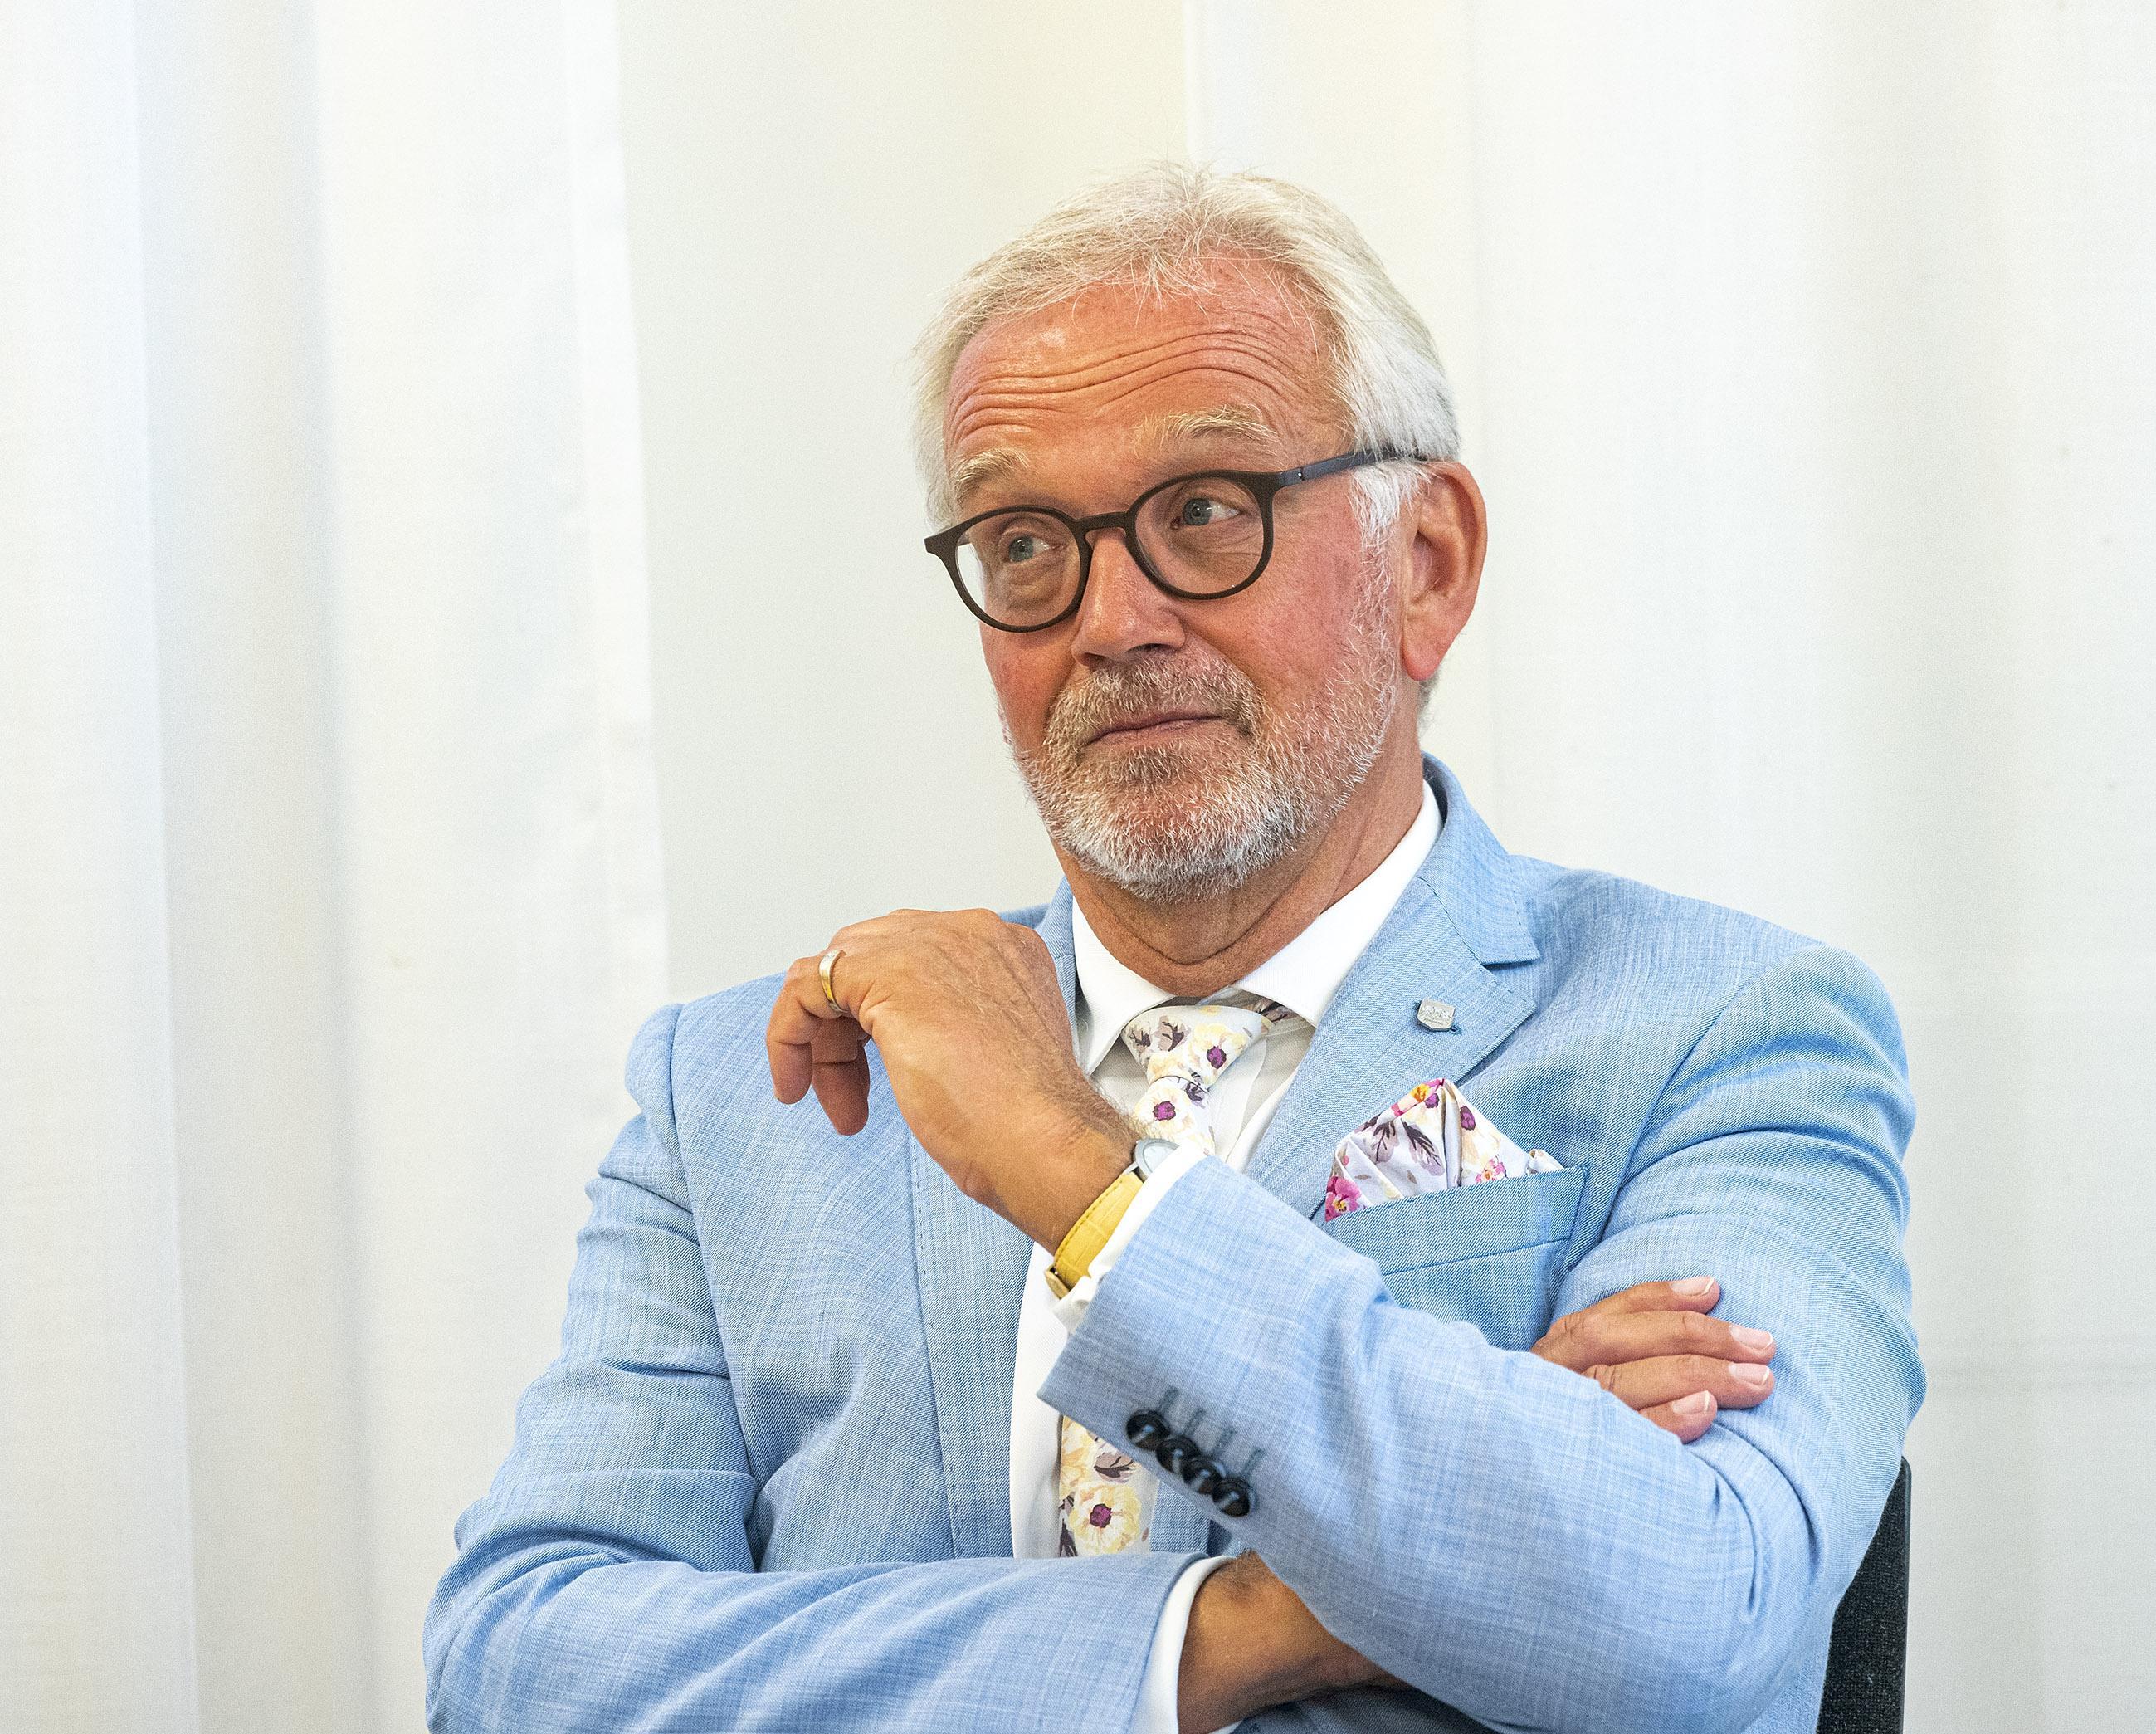 'Rapport Onderzoeksraad over instorten AZ-dak zal de kwestie haarfijn fileren'; Vertrekkend burgemeester Alkmaar spreekt voor het eerst over dit onderwerp